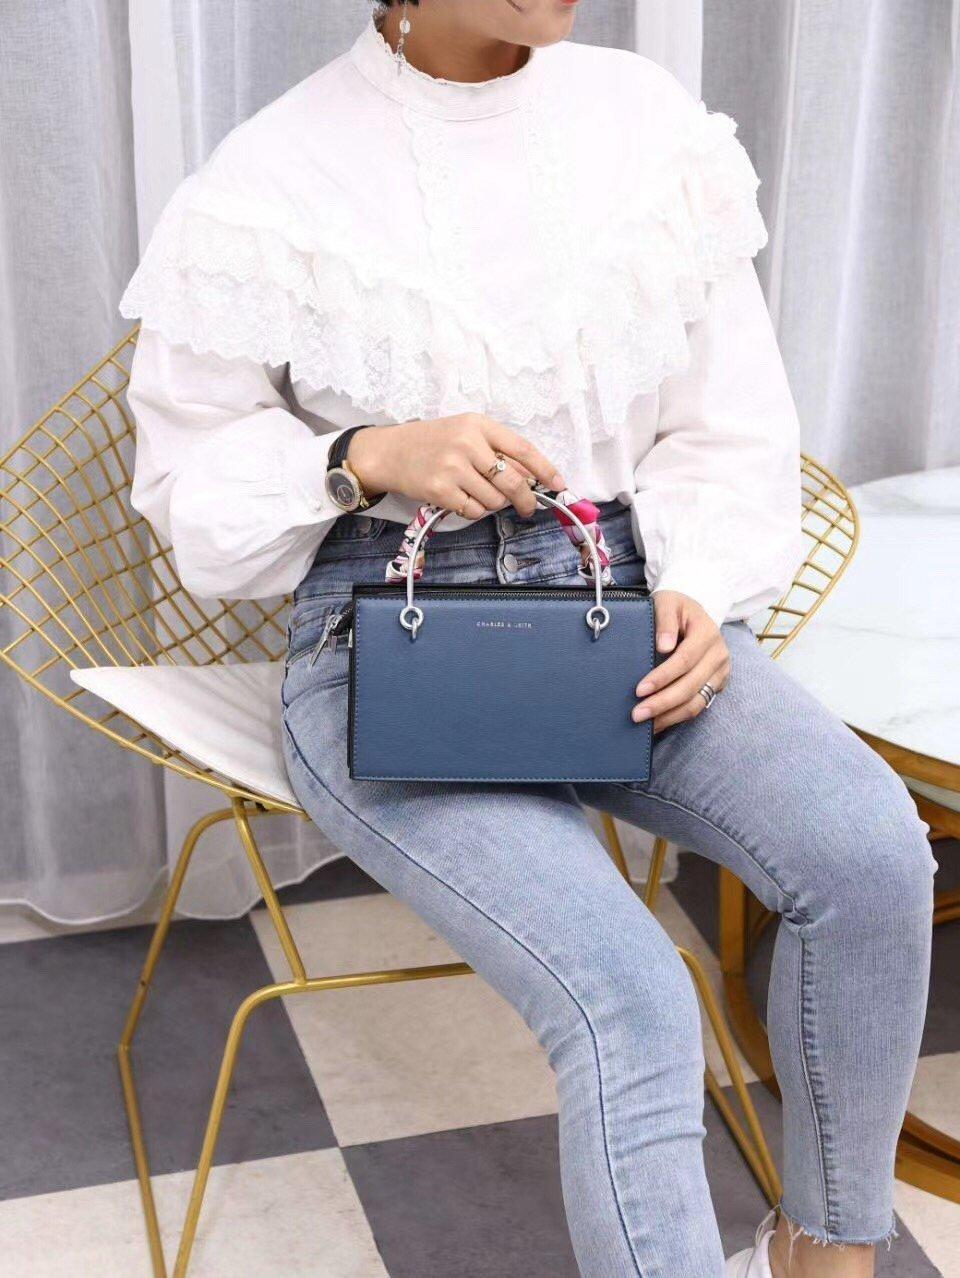 borse da spiaggia progettista per le donne Donne Borse vendita calda il nuovo elenco di modo di trasporto preferito bel partito NSO6